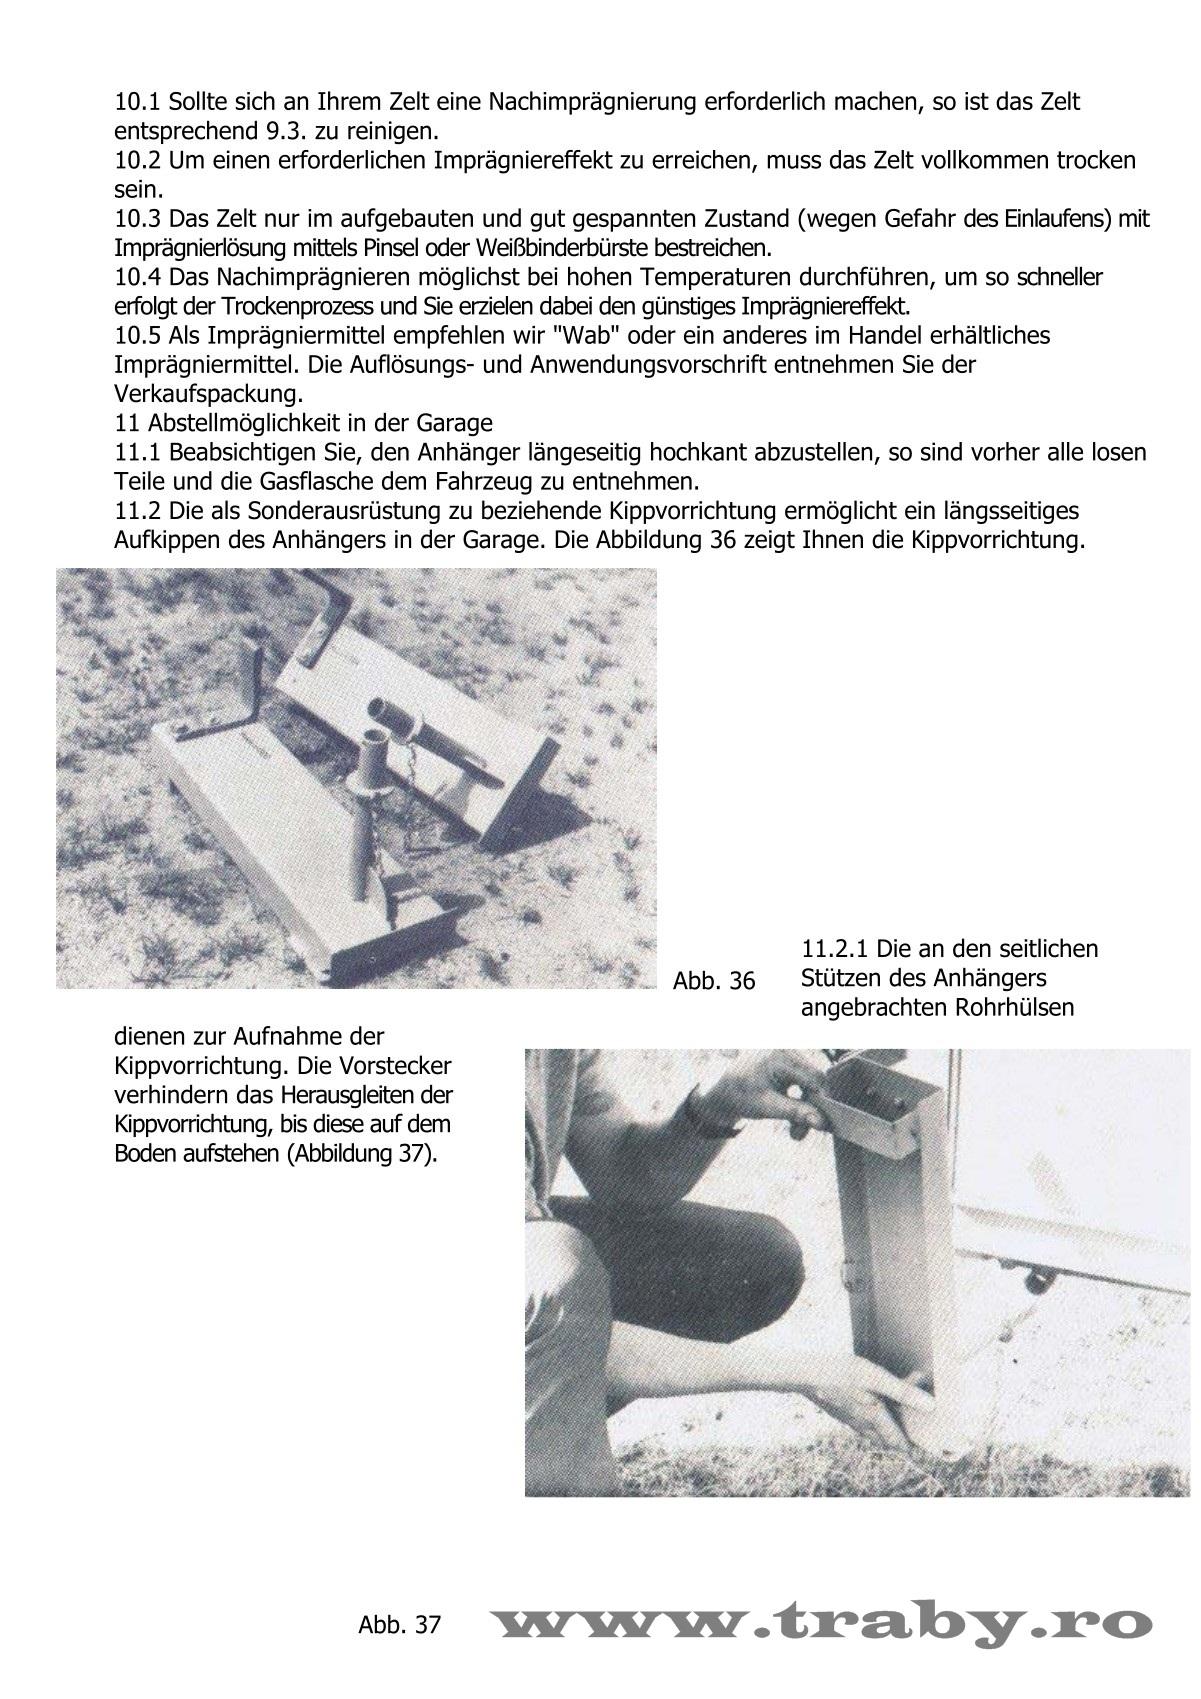 BedienungsanleitungCT50018.jpg